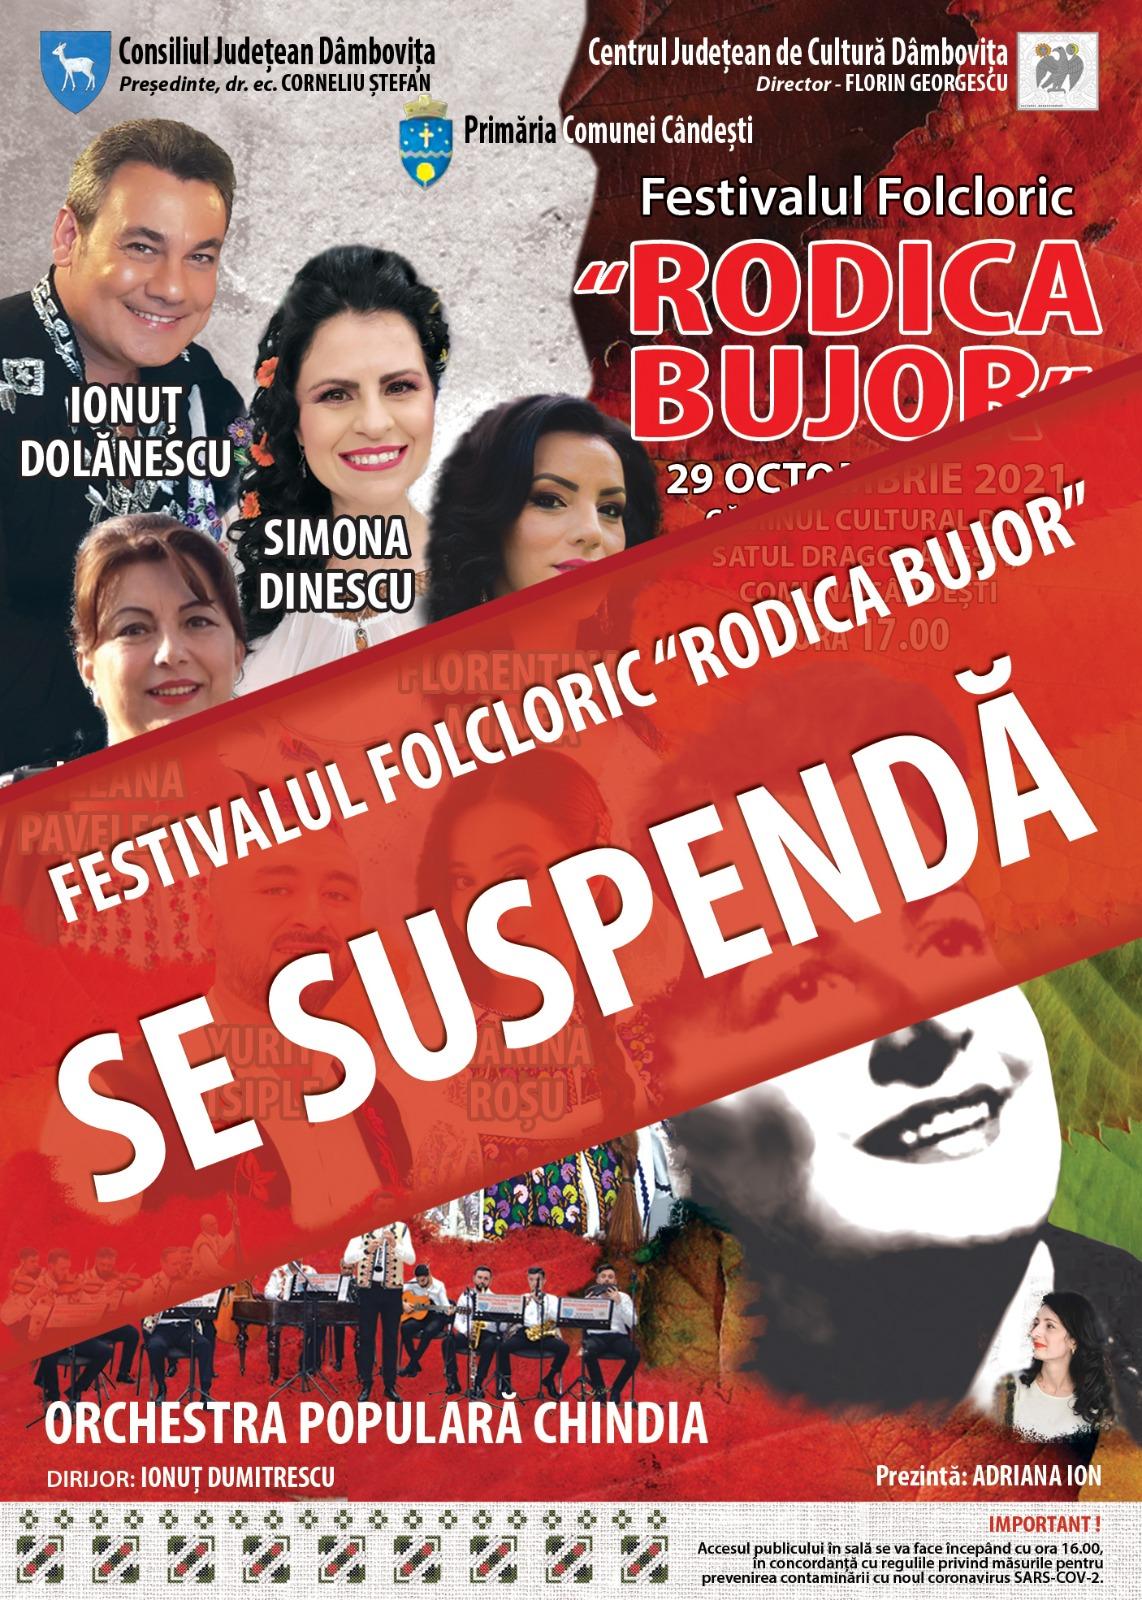 """Festivalul """"Rodica Bujor"""", suspendat din cauza condițiilor epidemiologice"""